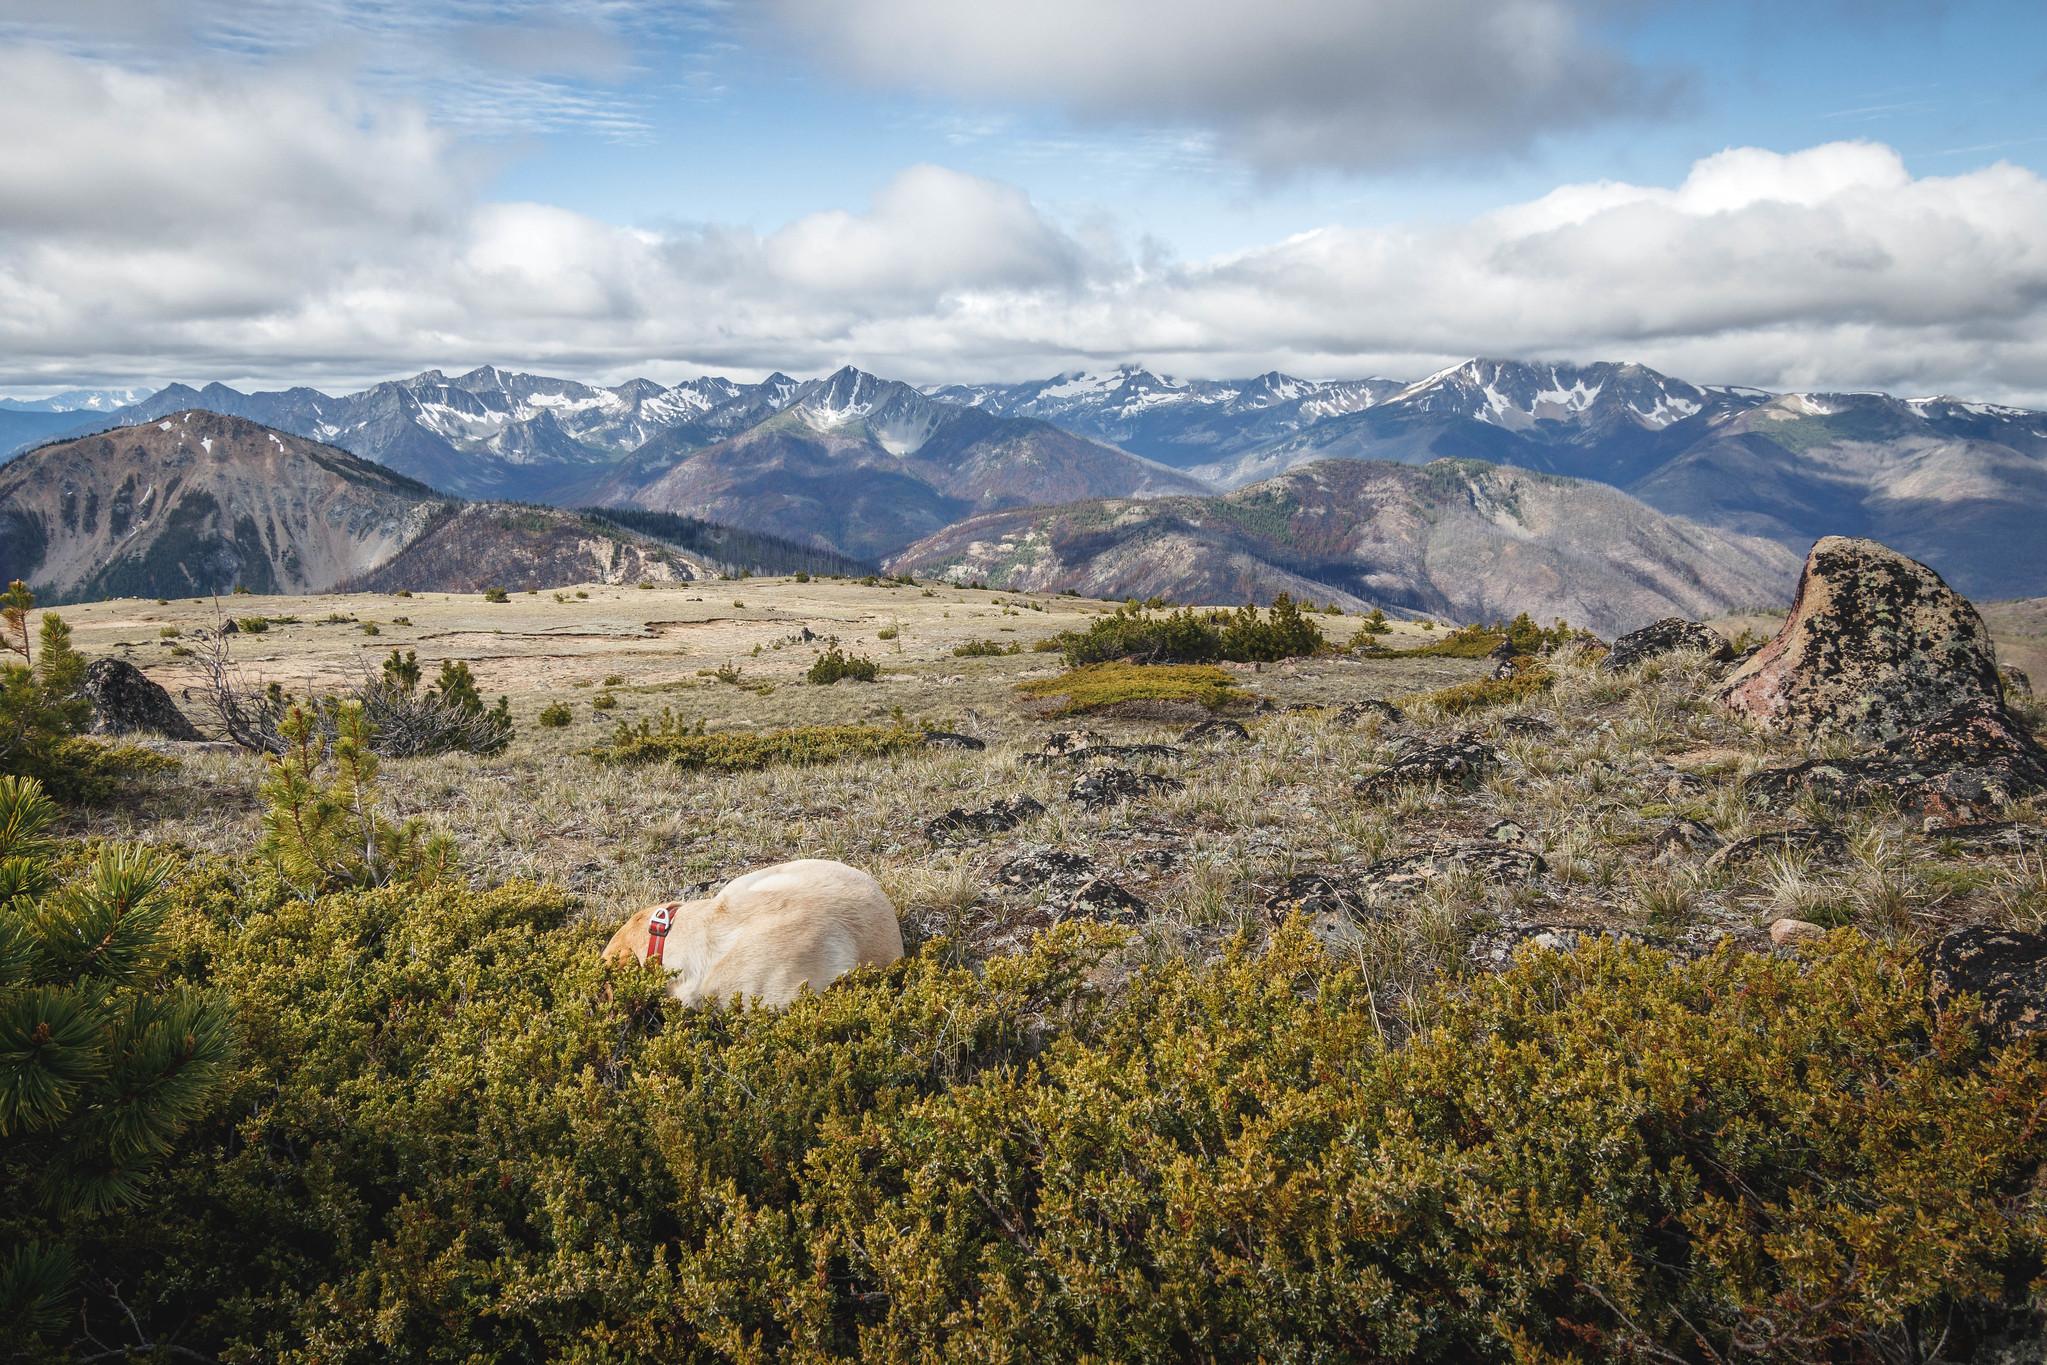 Summit dogs on Ashnola Mountain